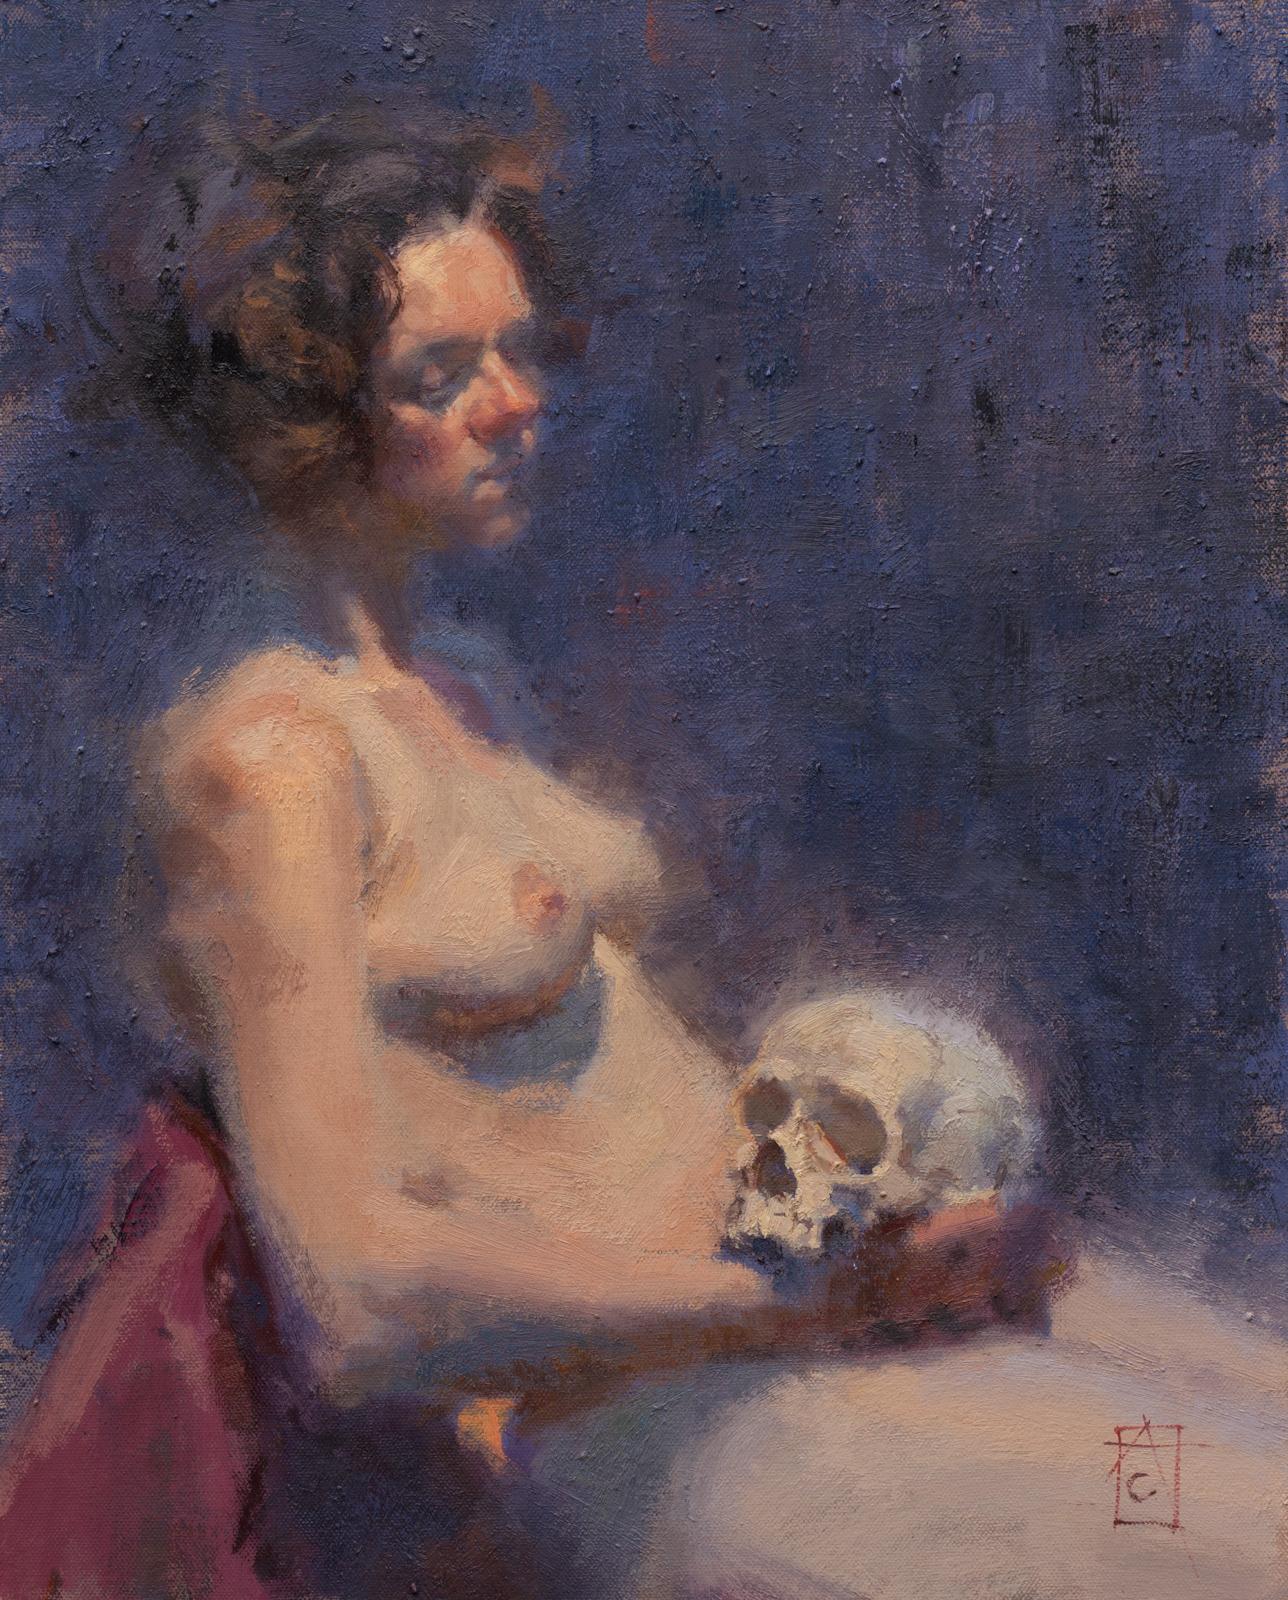 Творчество Aaron Coberly (195 работ) » Картины